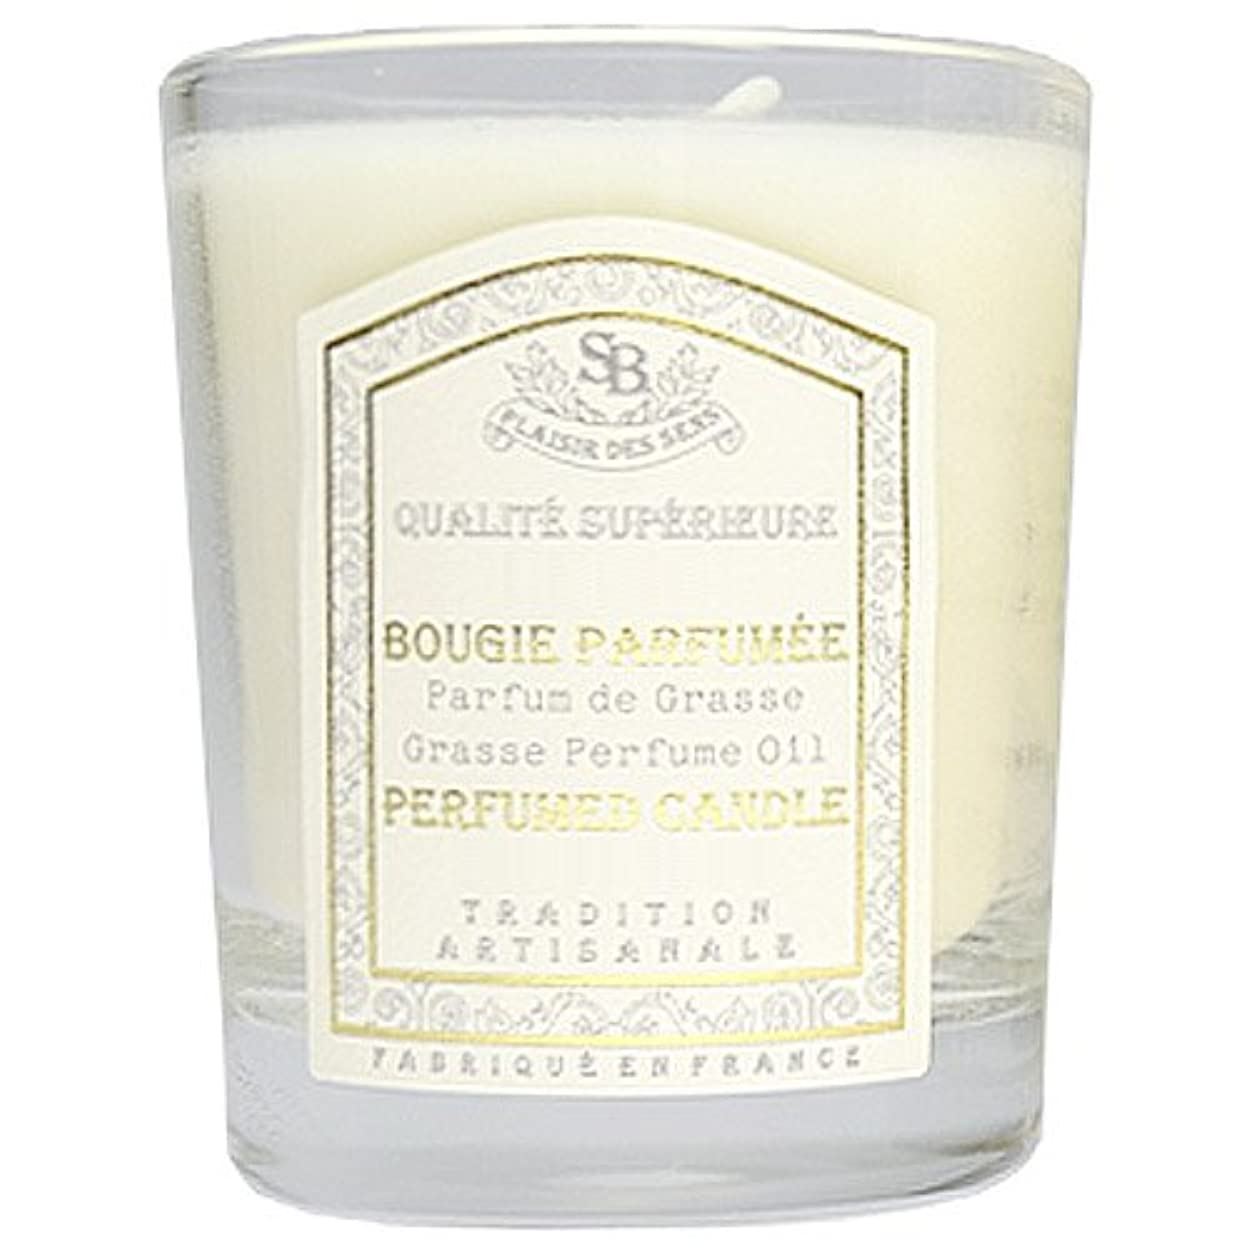 解決オーバーヘッド思慮のないSenteur et Beaute(サンタールエボーテ) フレンチクラシックシリーズ グラスキャンドル 90g 「ホワイトティー」 4994228021991